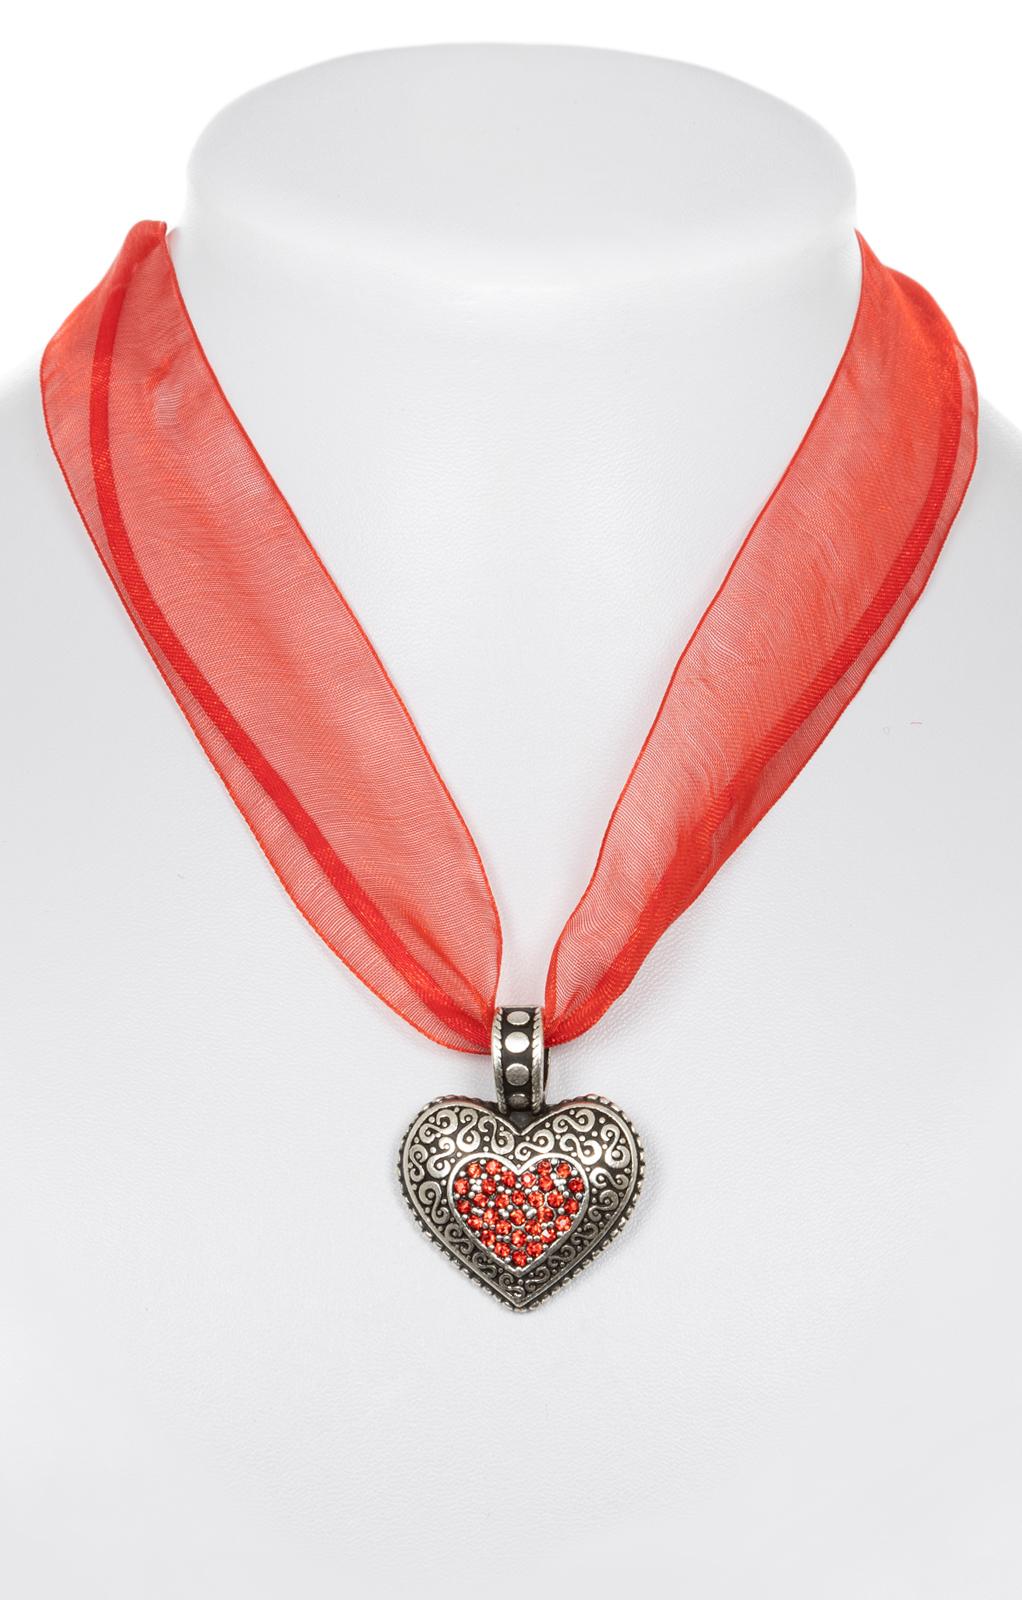 Collana con cuore rosso von Schuhmacher